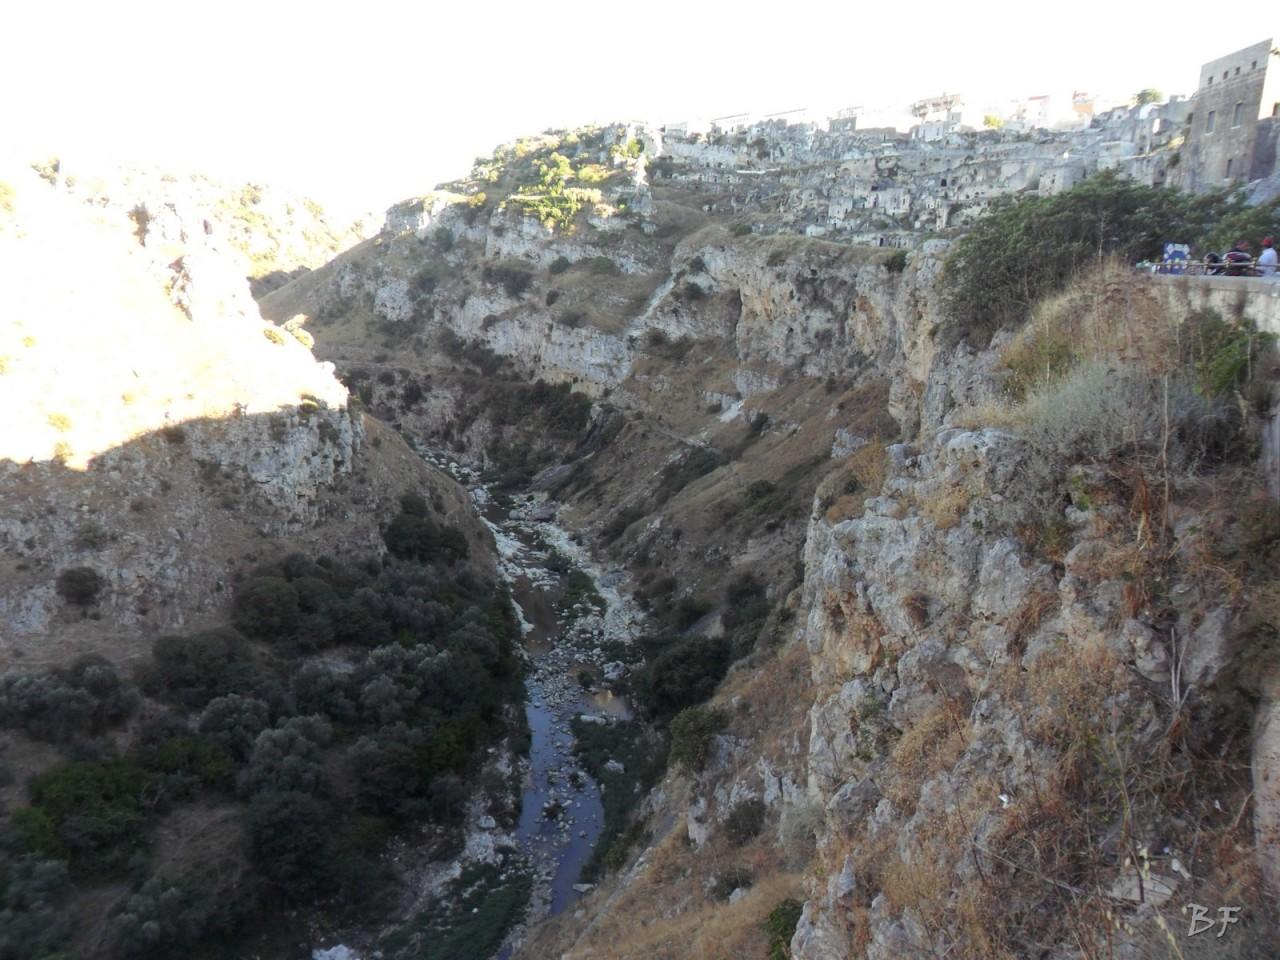 Sasso-Caveoso-Edifici-Rupestri-Megaliti-Sassi-di-Matera-basilicata-Italia-8